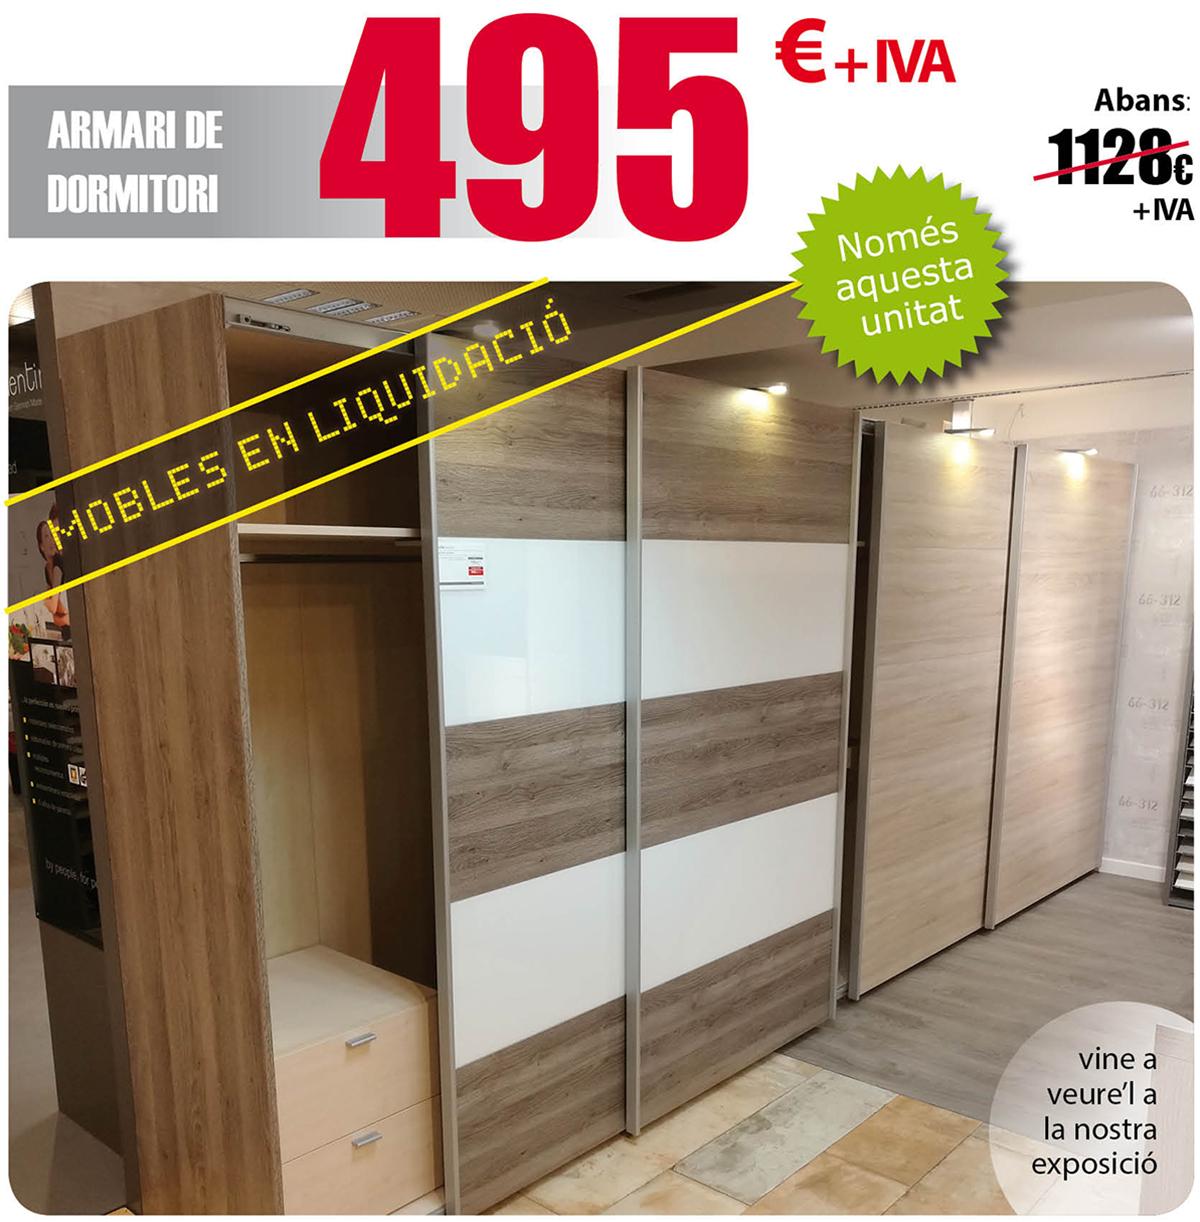 Liquidación de muebles en Terrassa: Armario de dormitorio